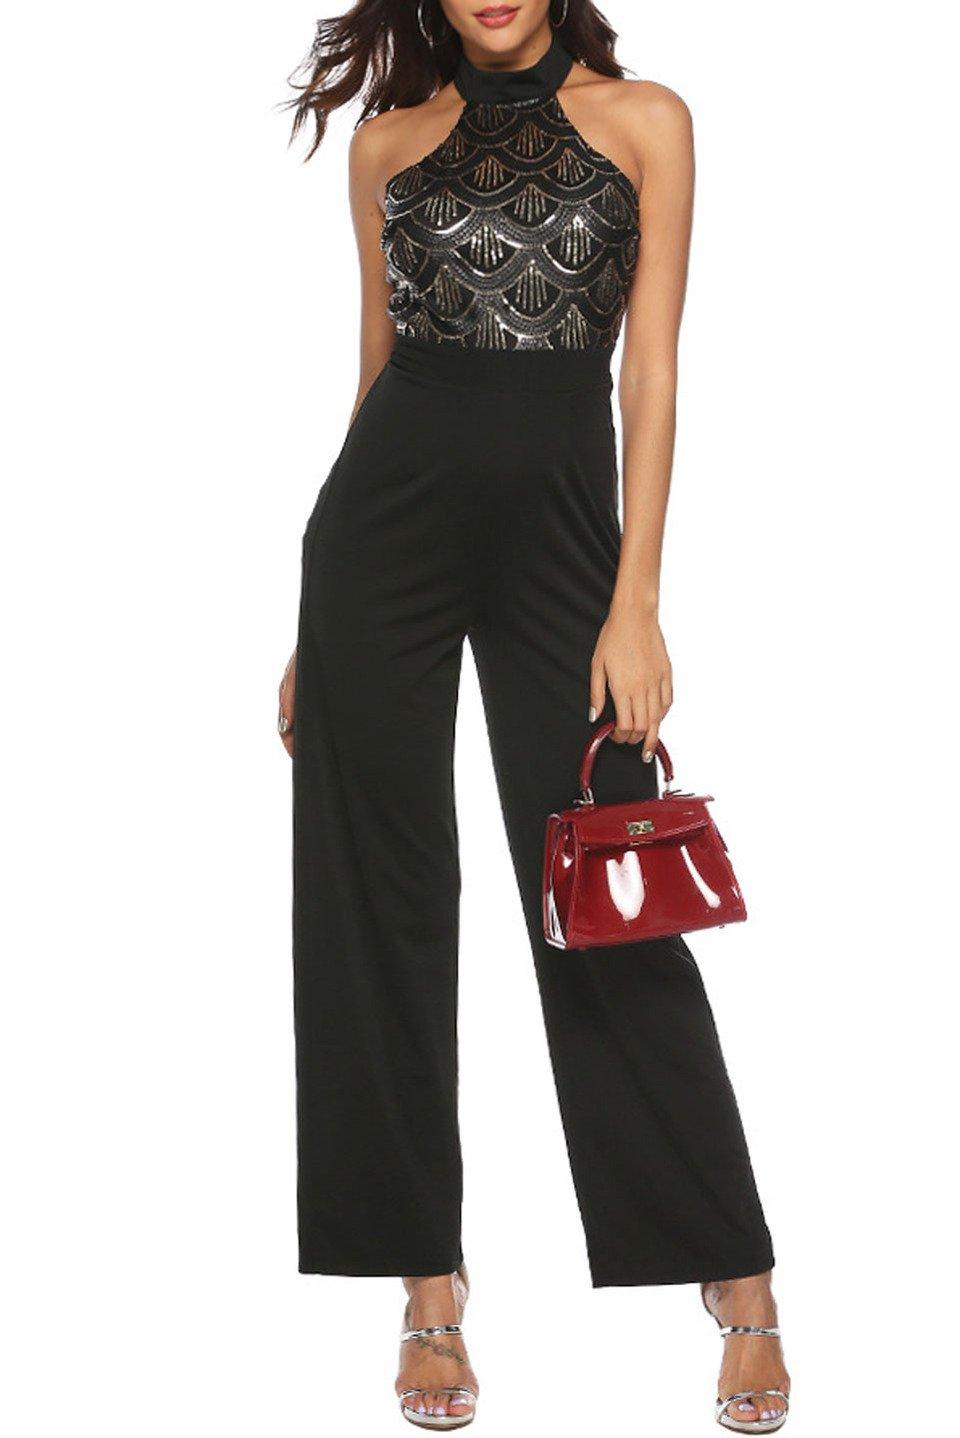 BERRI DRESS IN BLACK